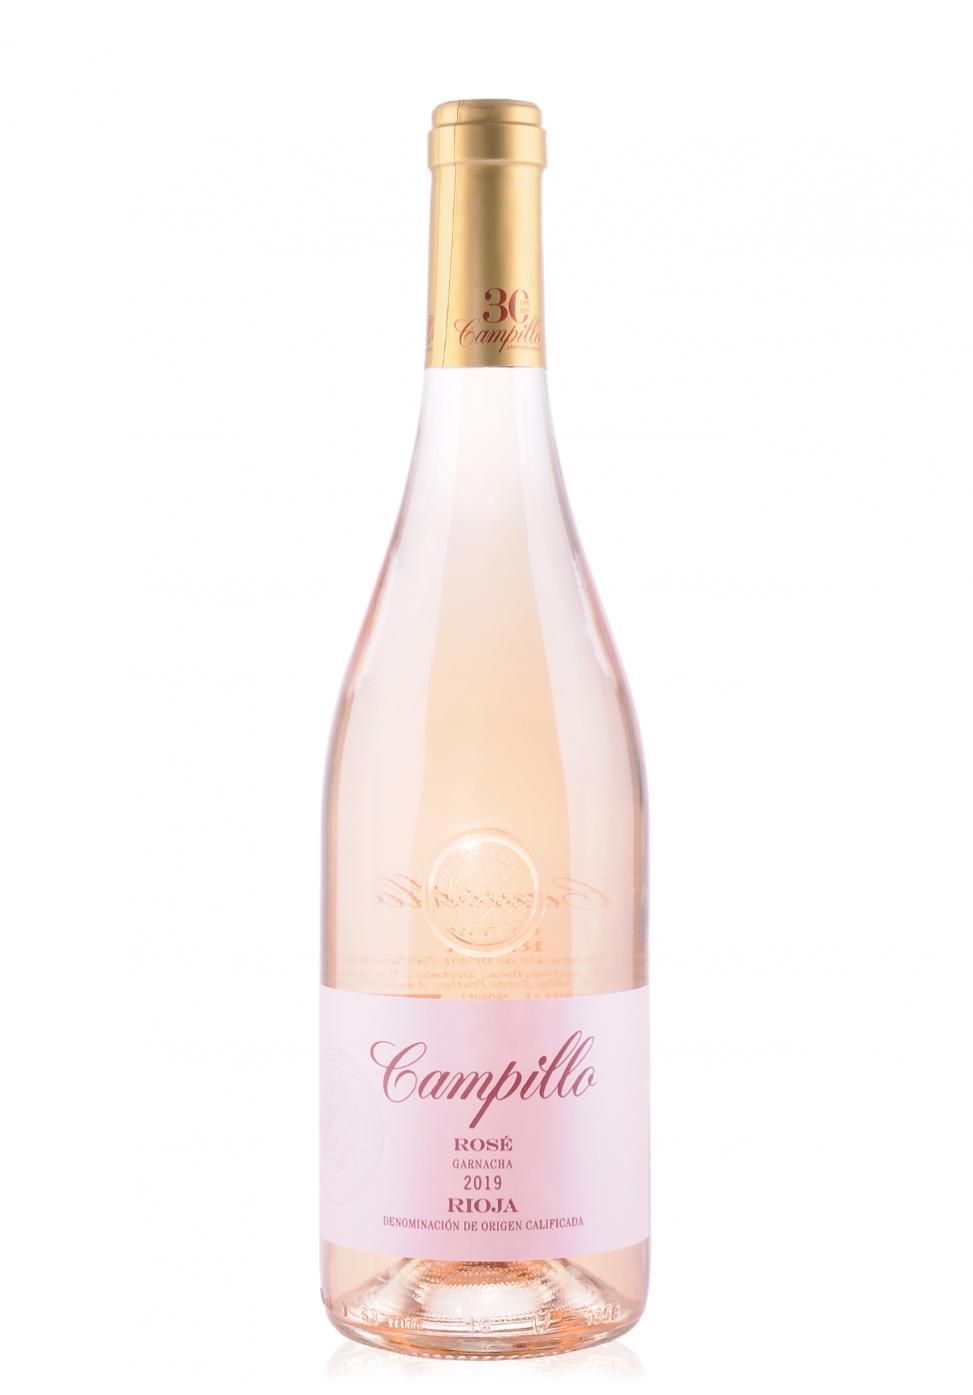 Vin Campillo Rose Garnacha, Doca Rioja 2020 (0.75L)